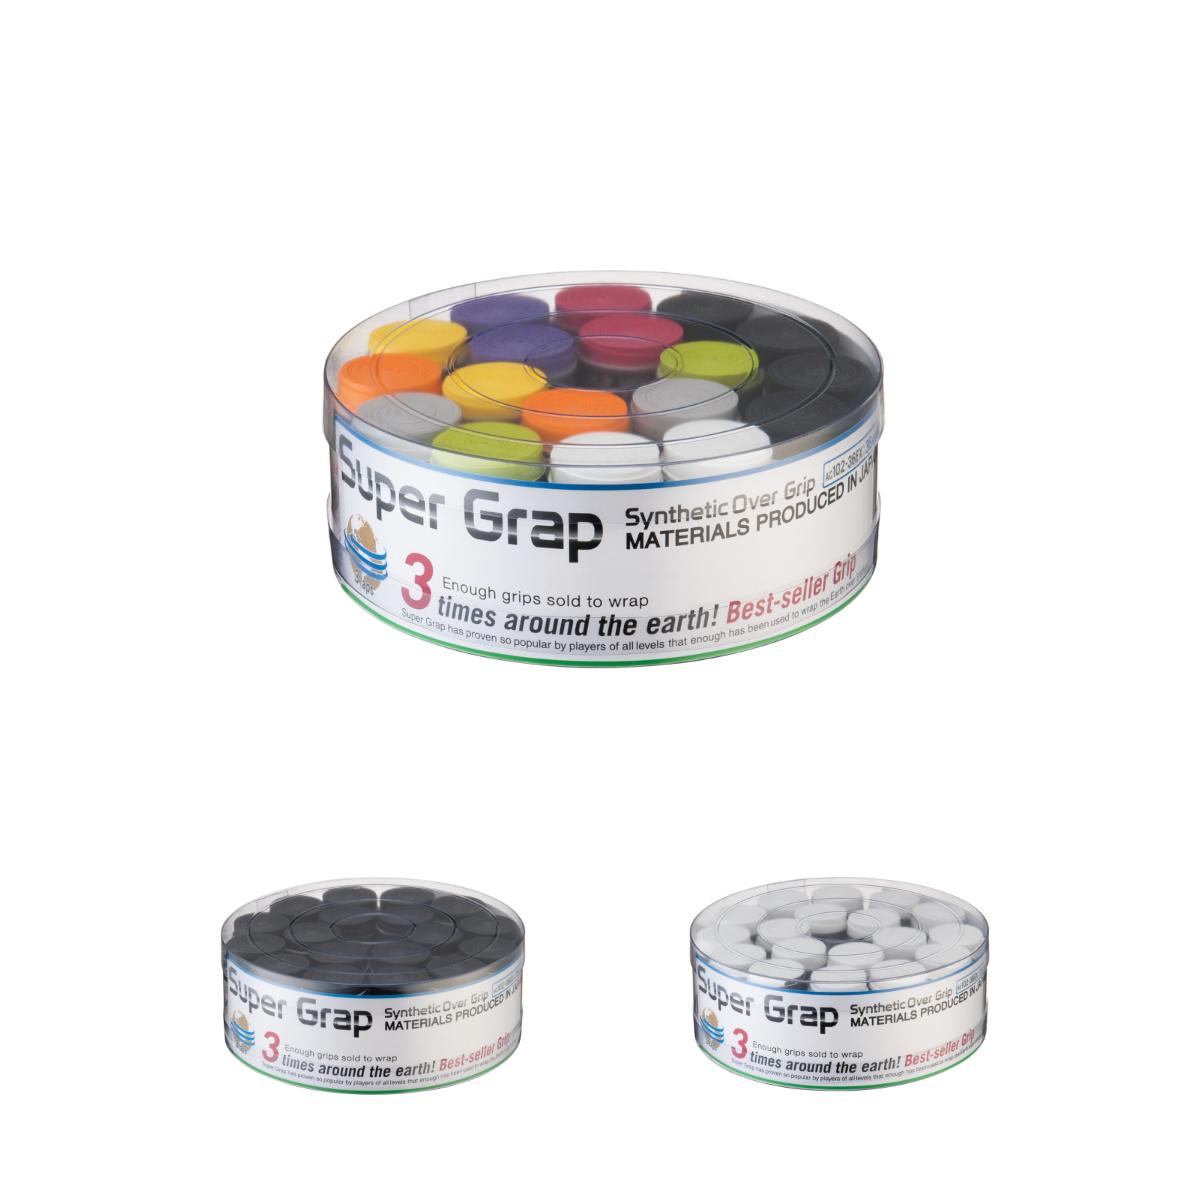 Griffband - YONEX - Super Grap, 36 PackDetailbild - 3